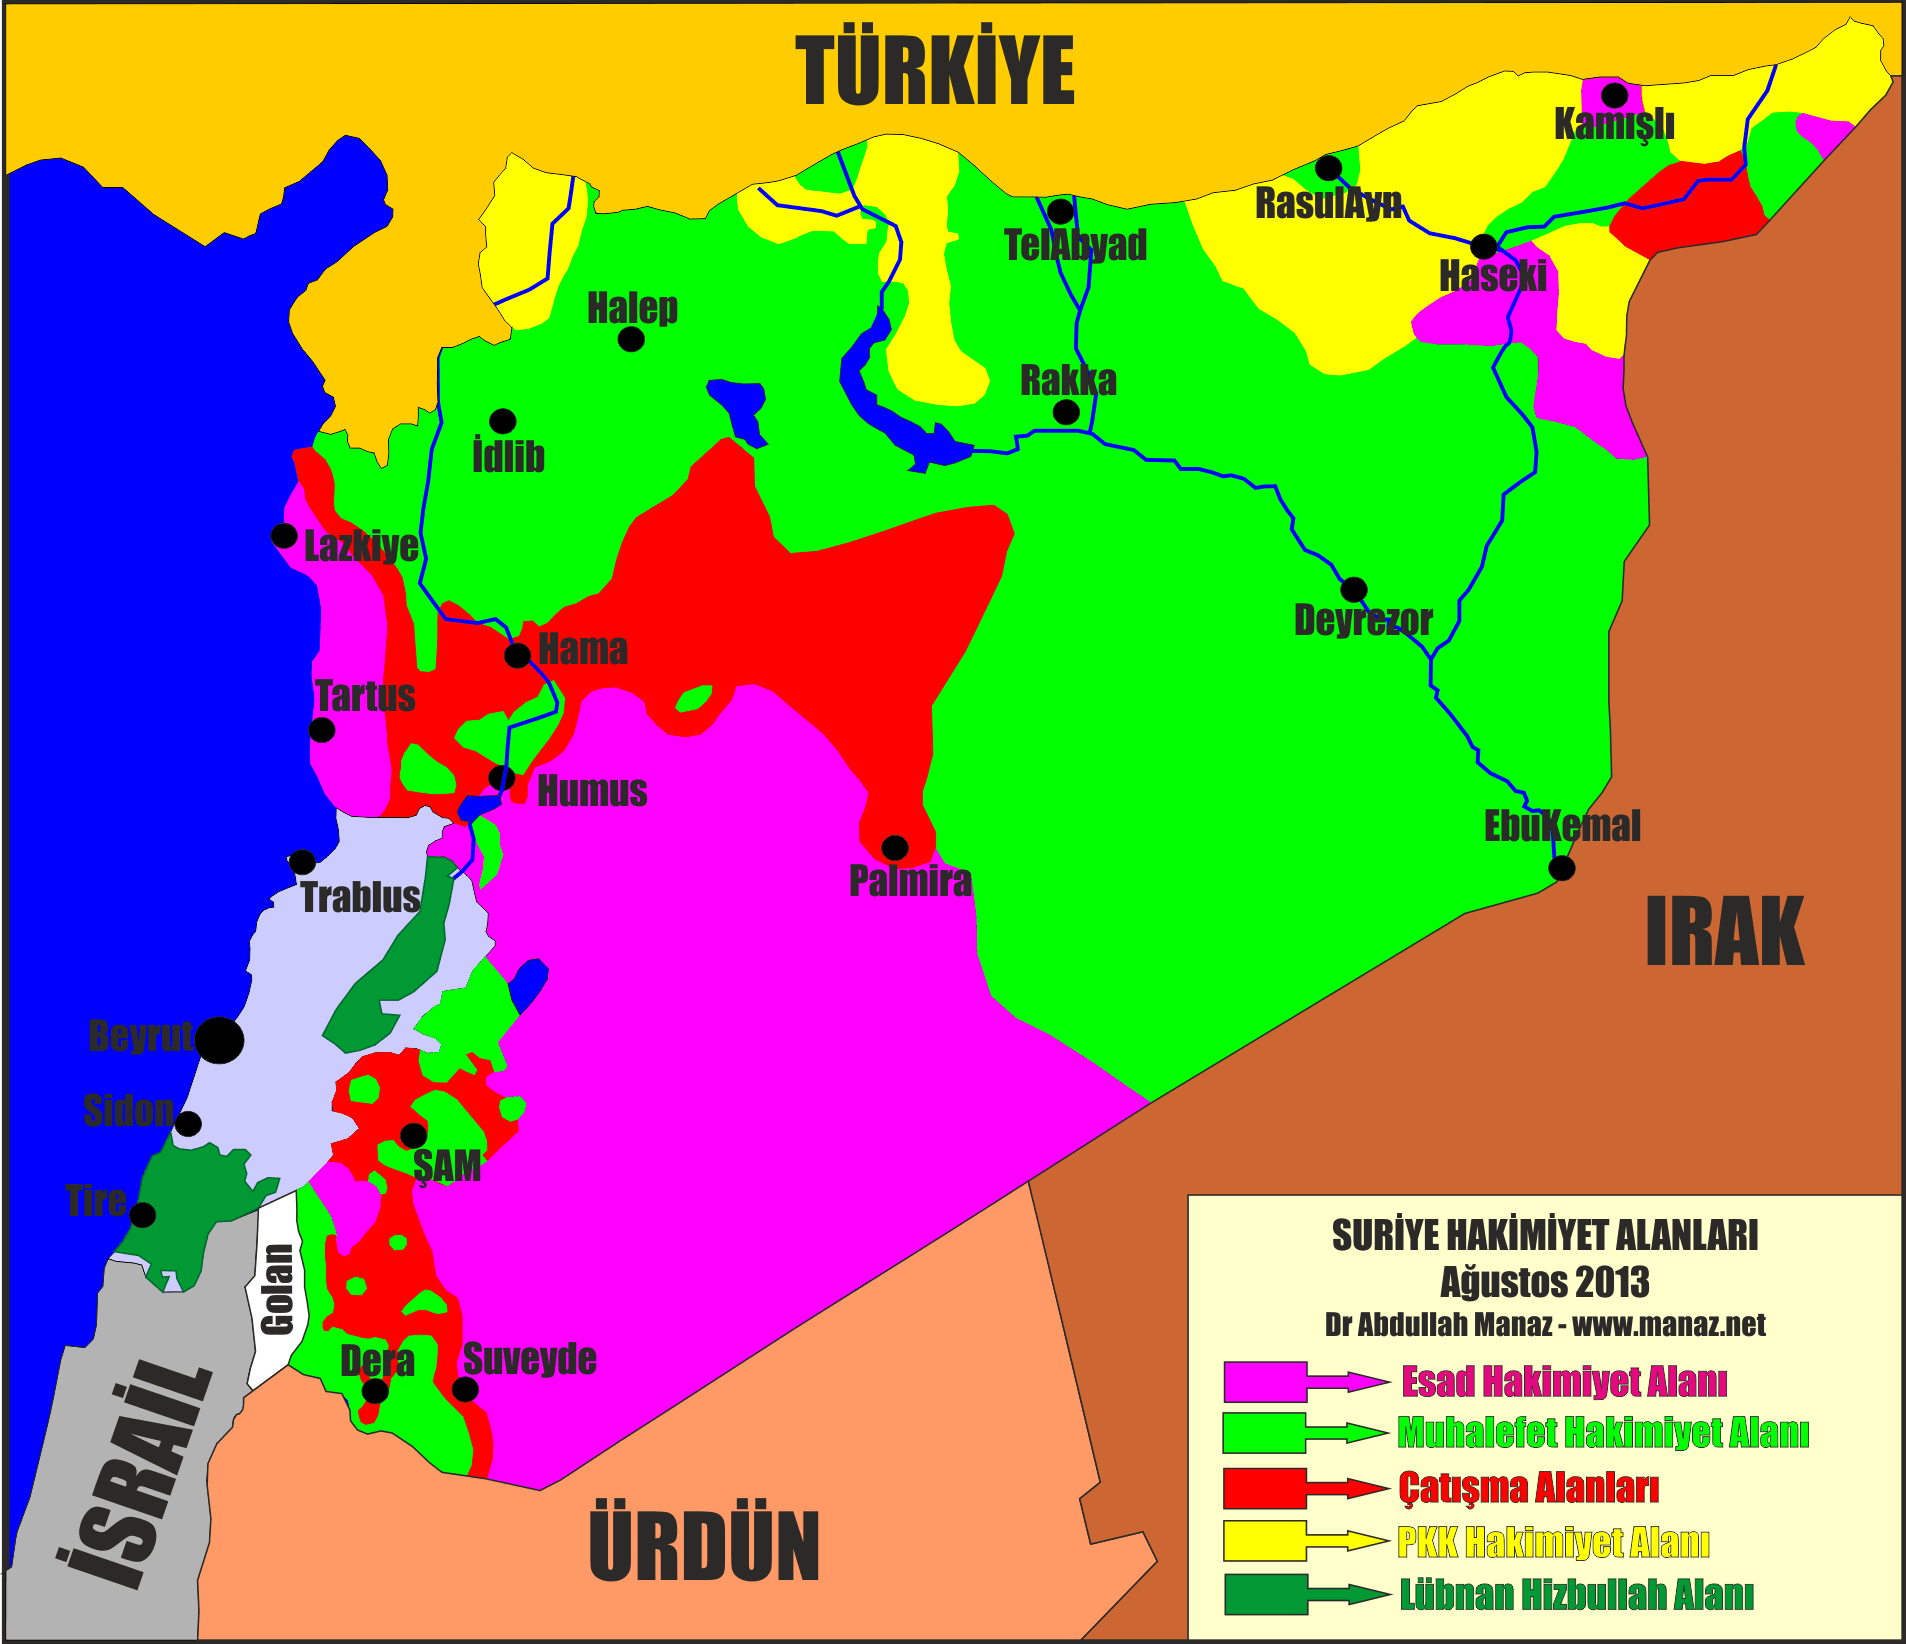 harita-1.png